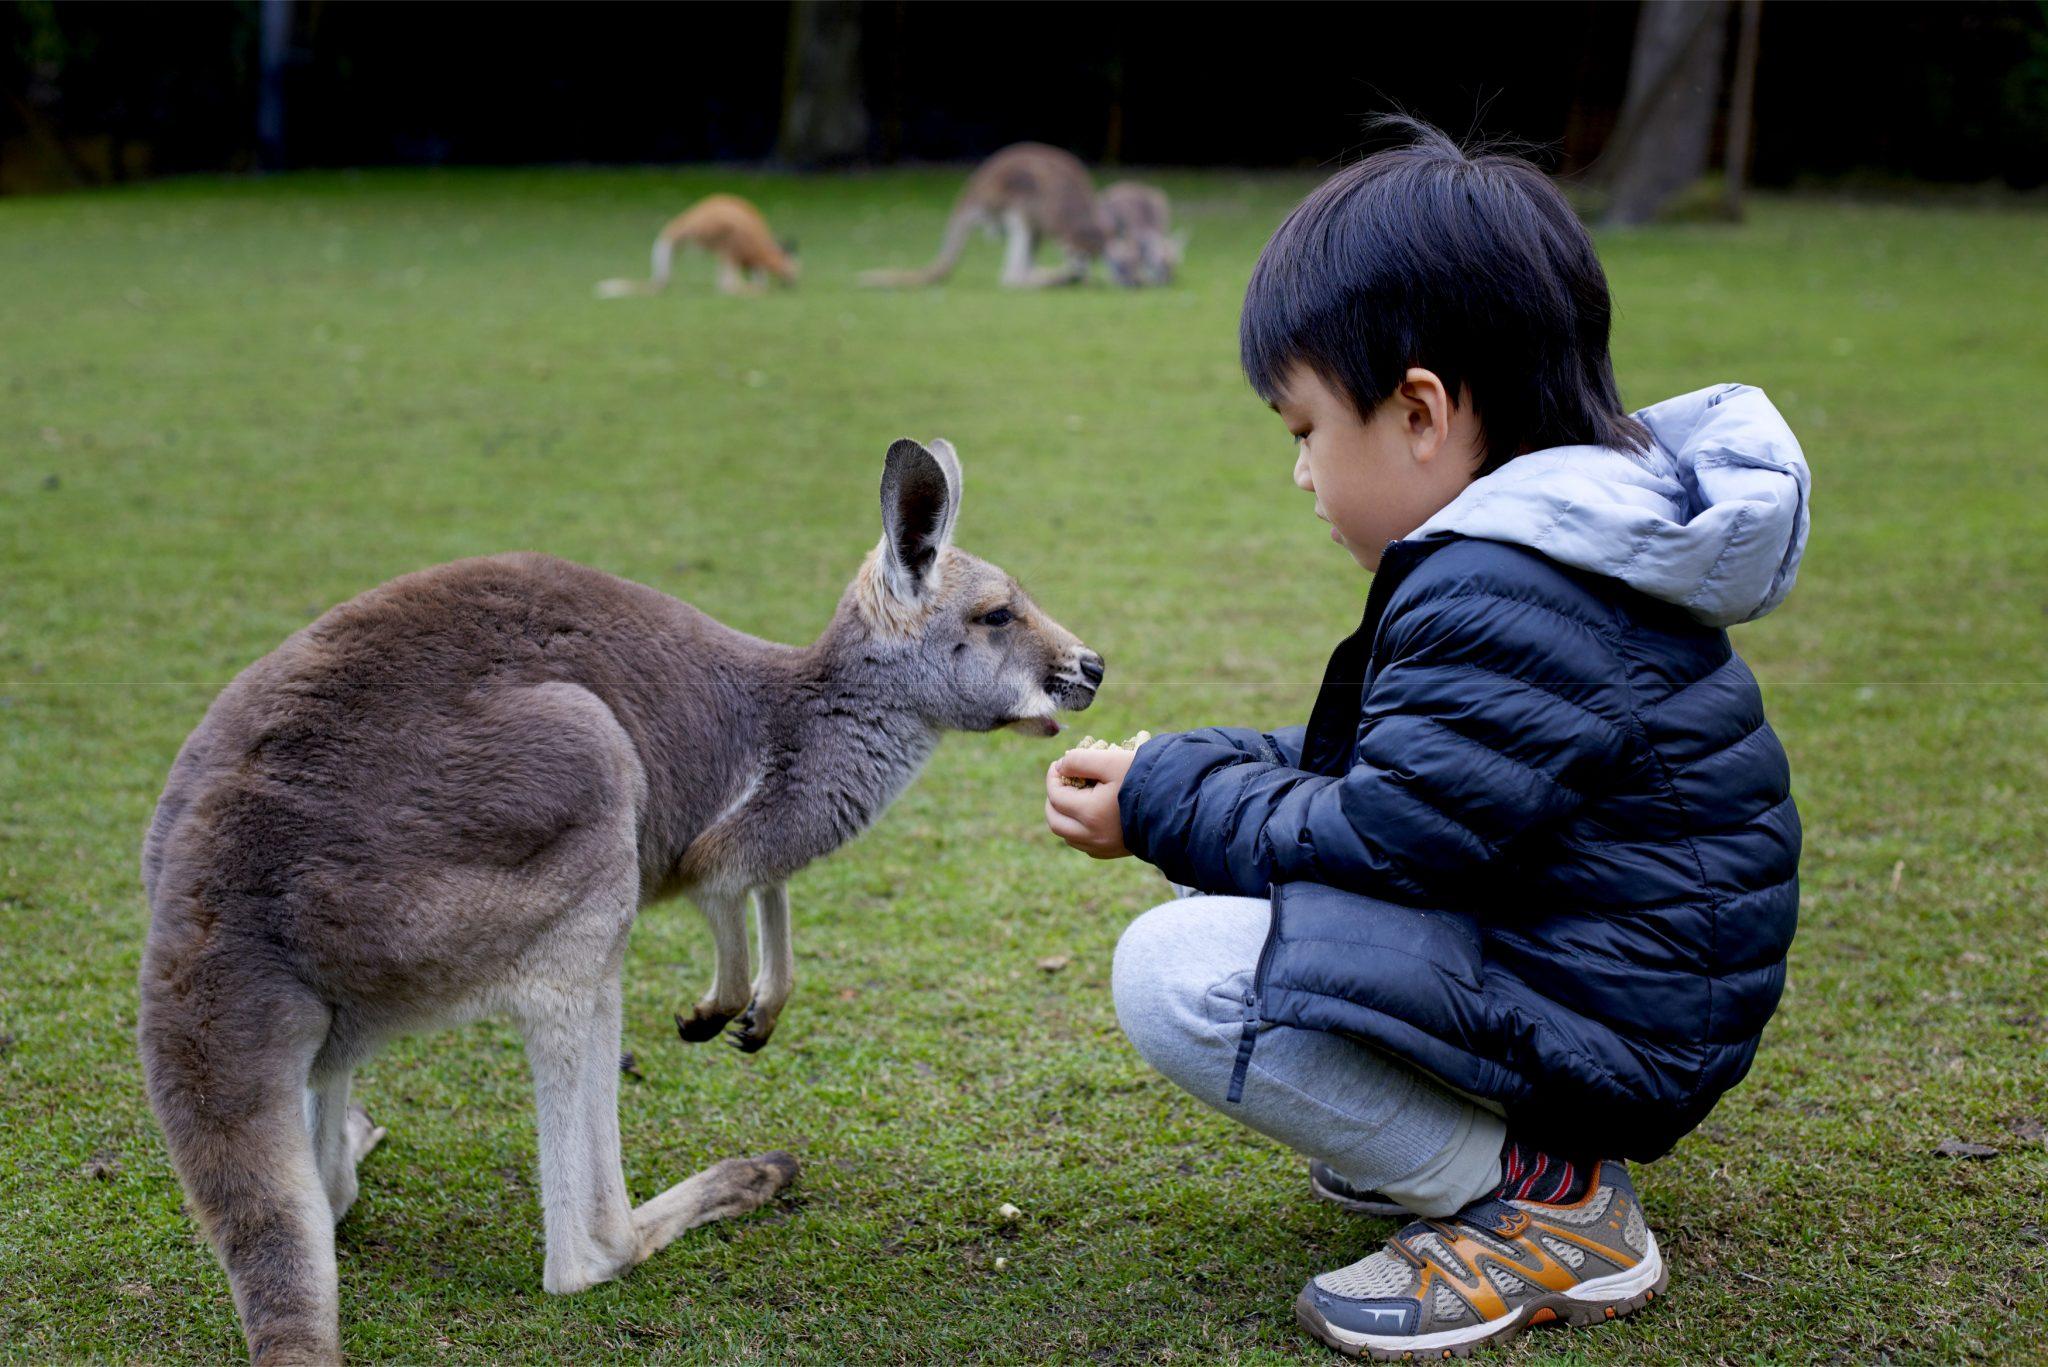 カンガルーに子どもが餌をあげている